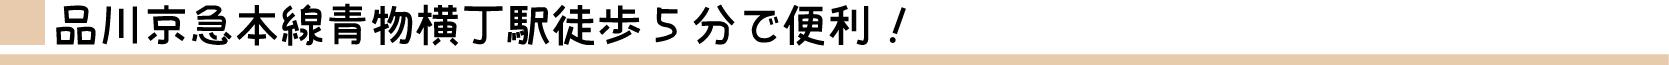 品川シーサイド 整体 NaturalThearpy YURARI-ゆらり-